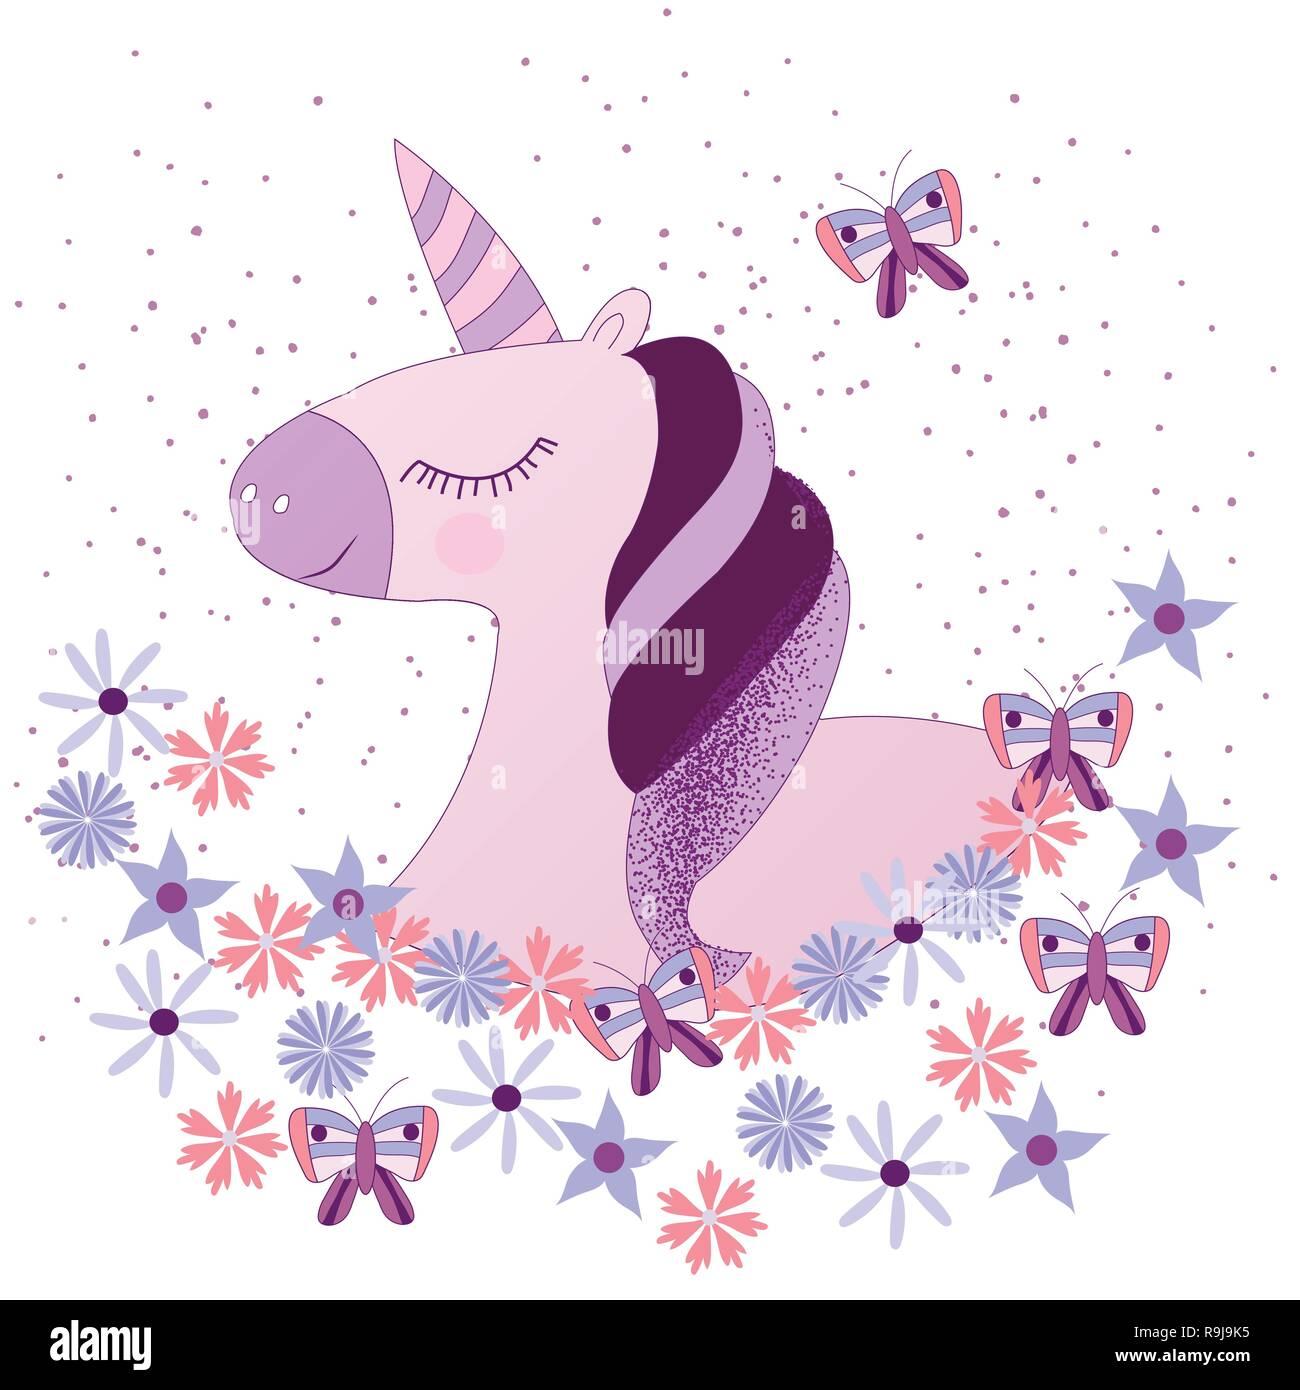 Carino Unicorno Magico Design Vettoriali Su Sfondo Bianco Stampa